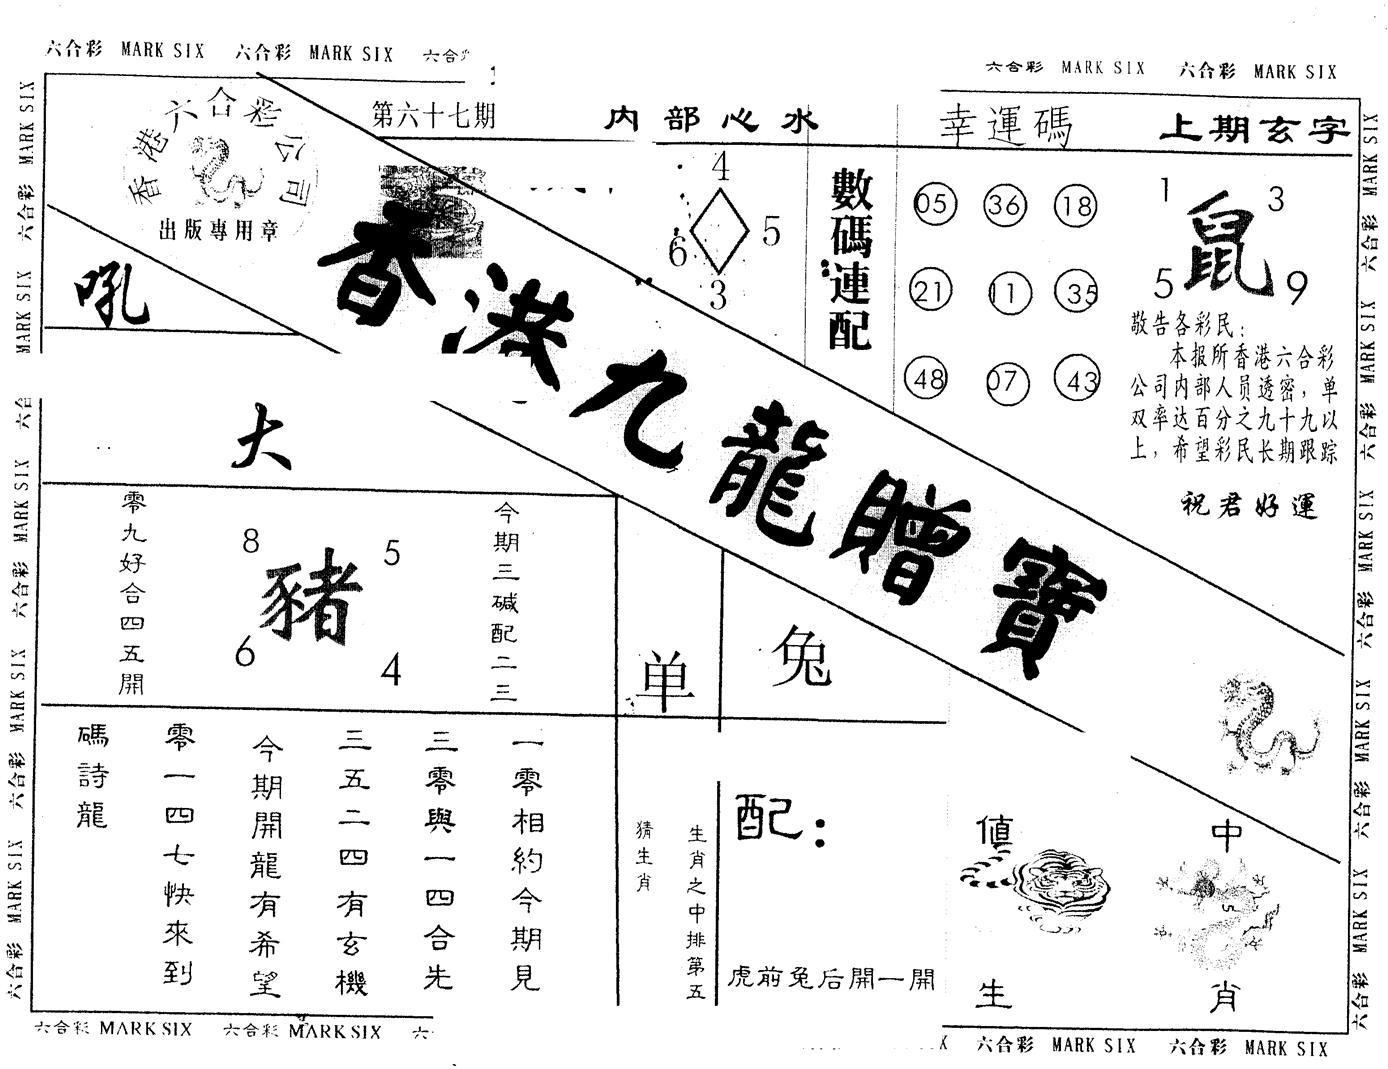 067期另版九龙赠宝(黑白)